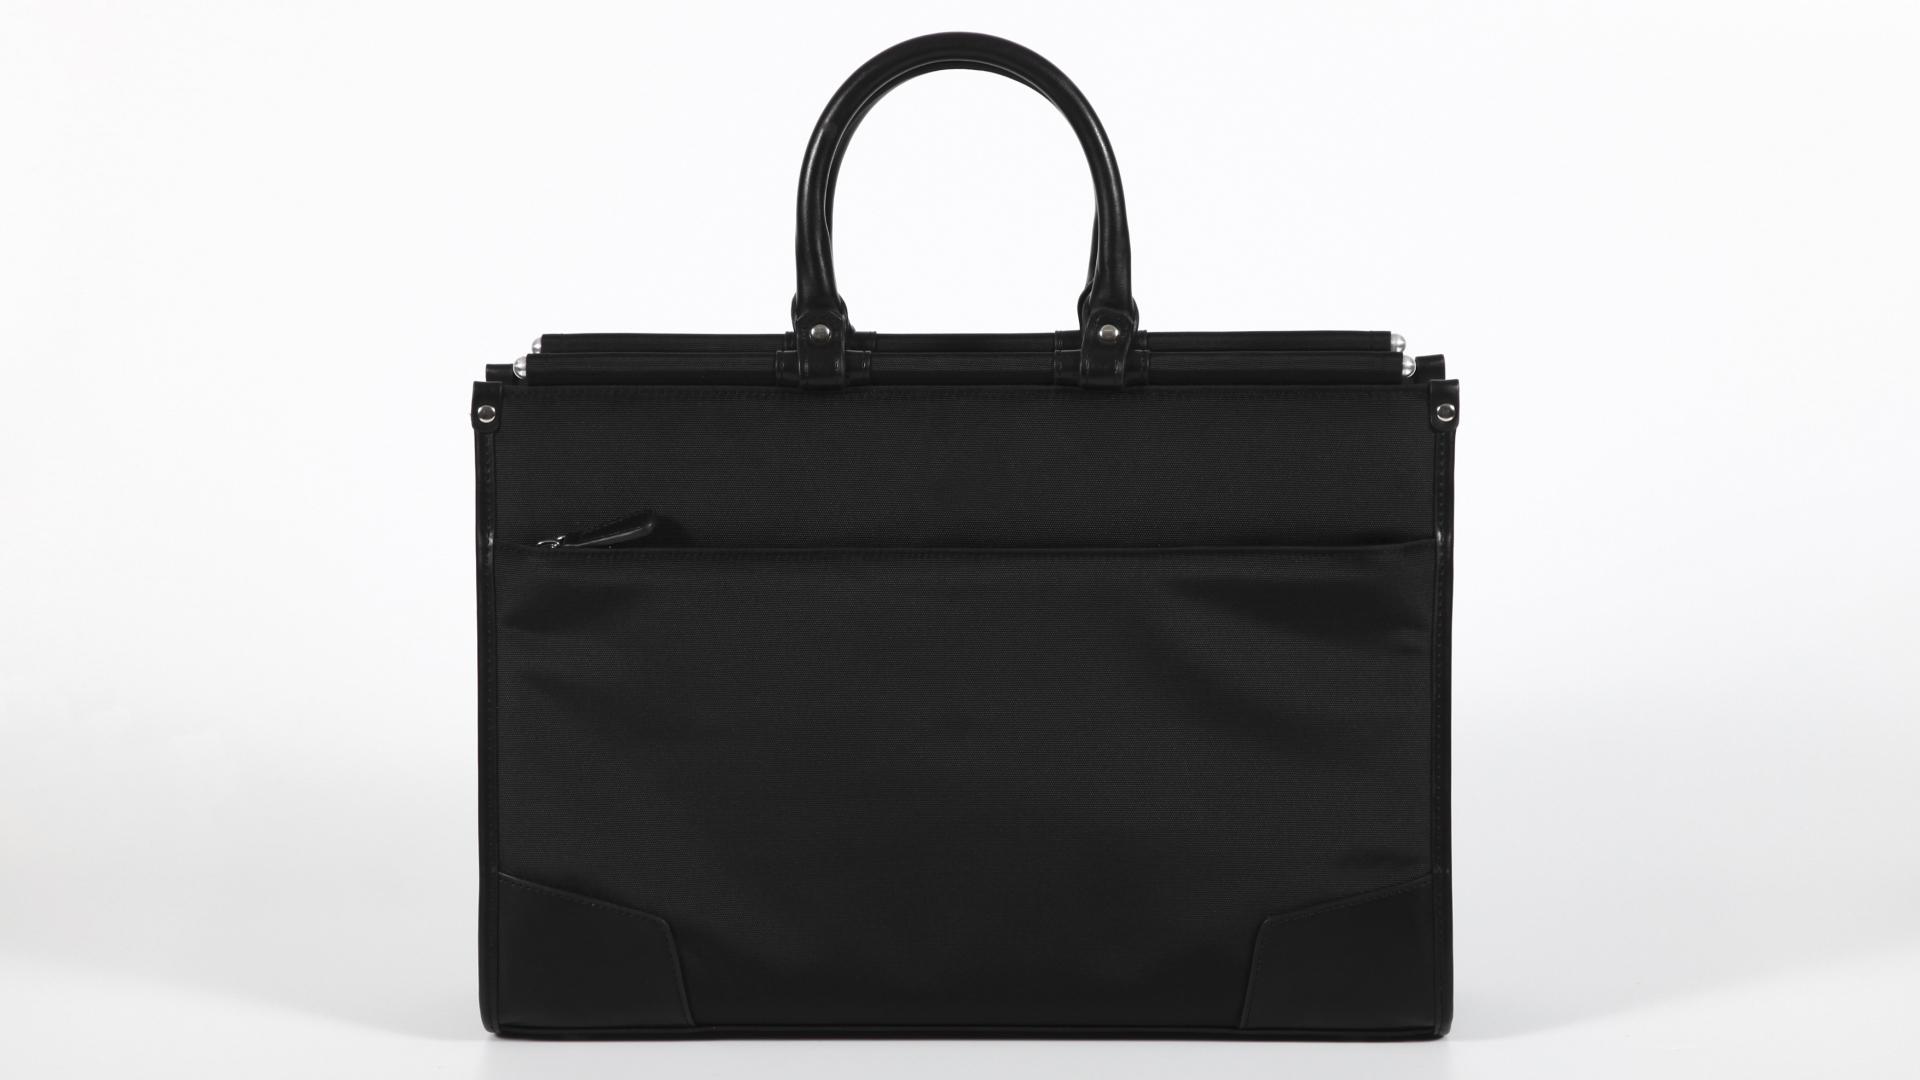 【メンズ】ビジネスバッグの種類&選び方はコレ。おすすめのブランドも紹介。